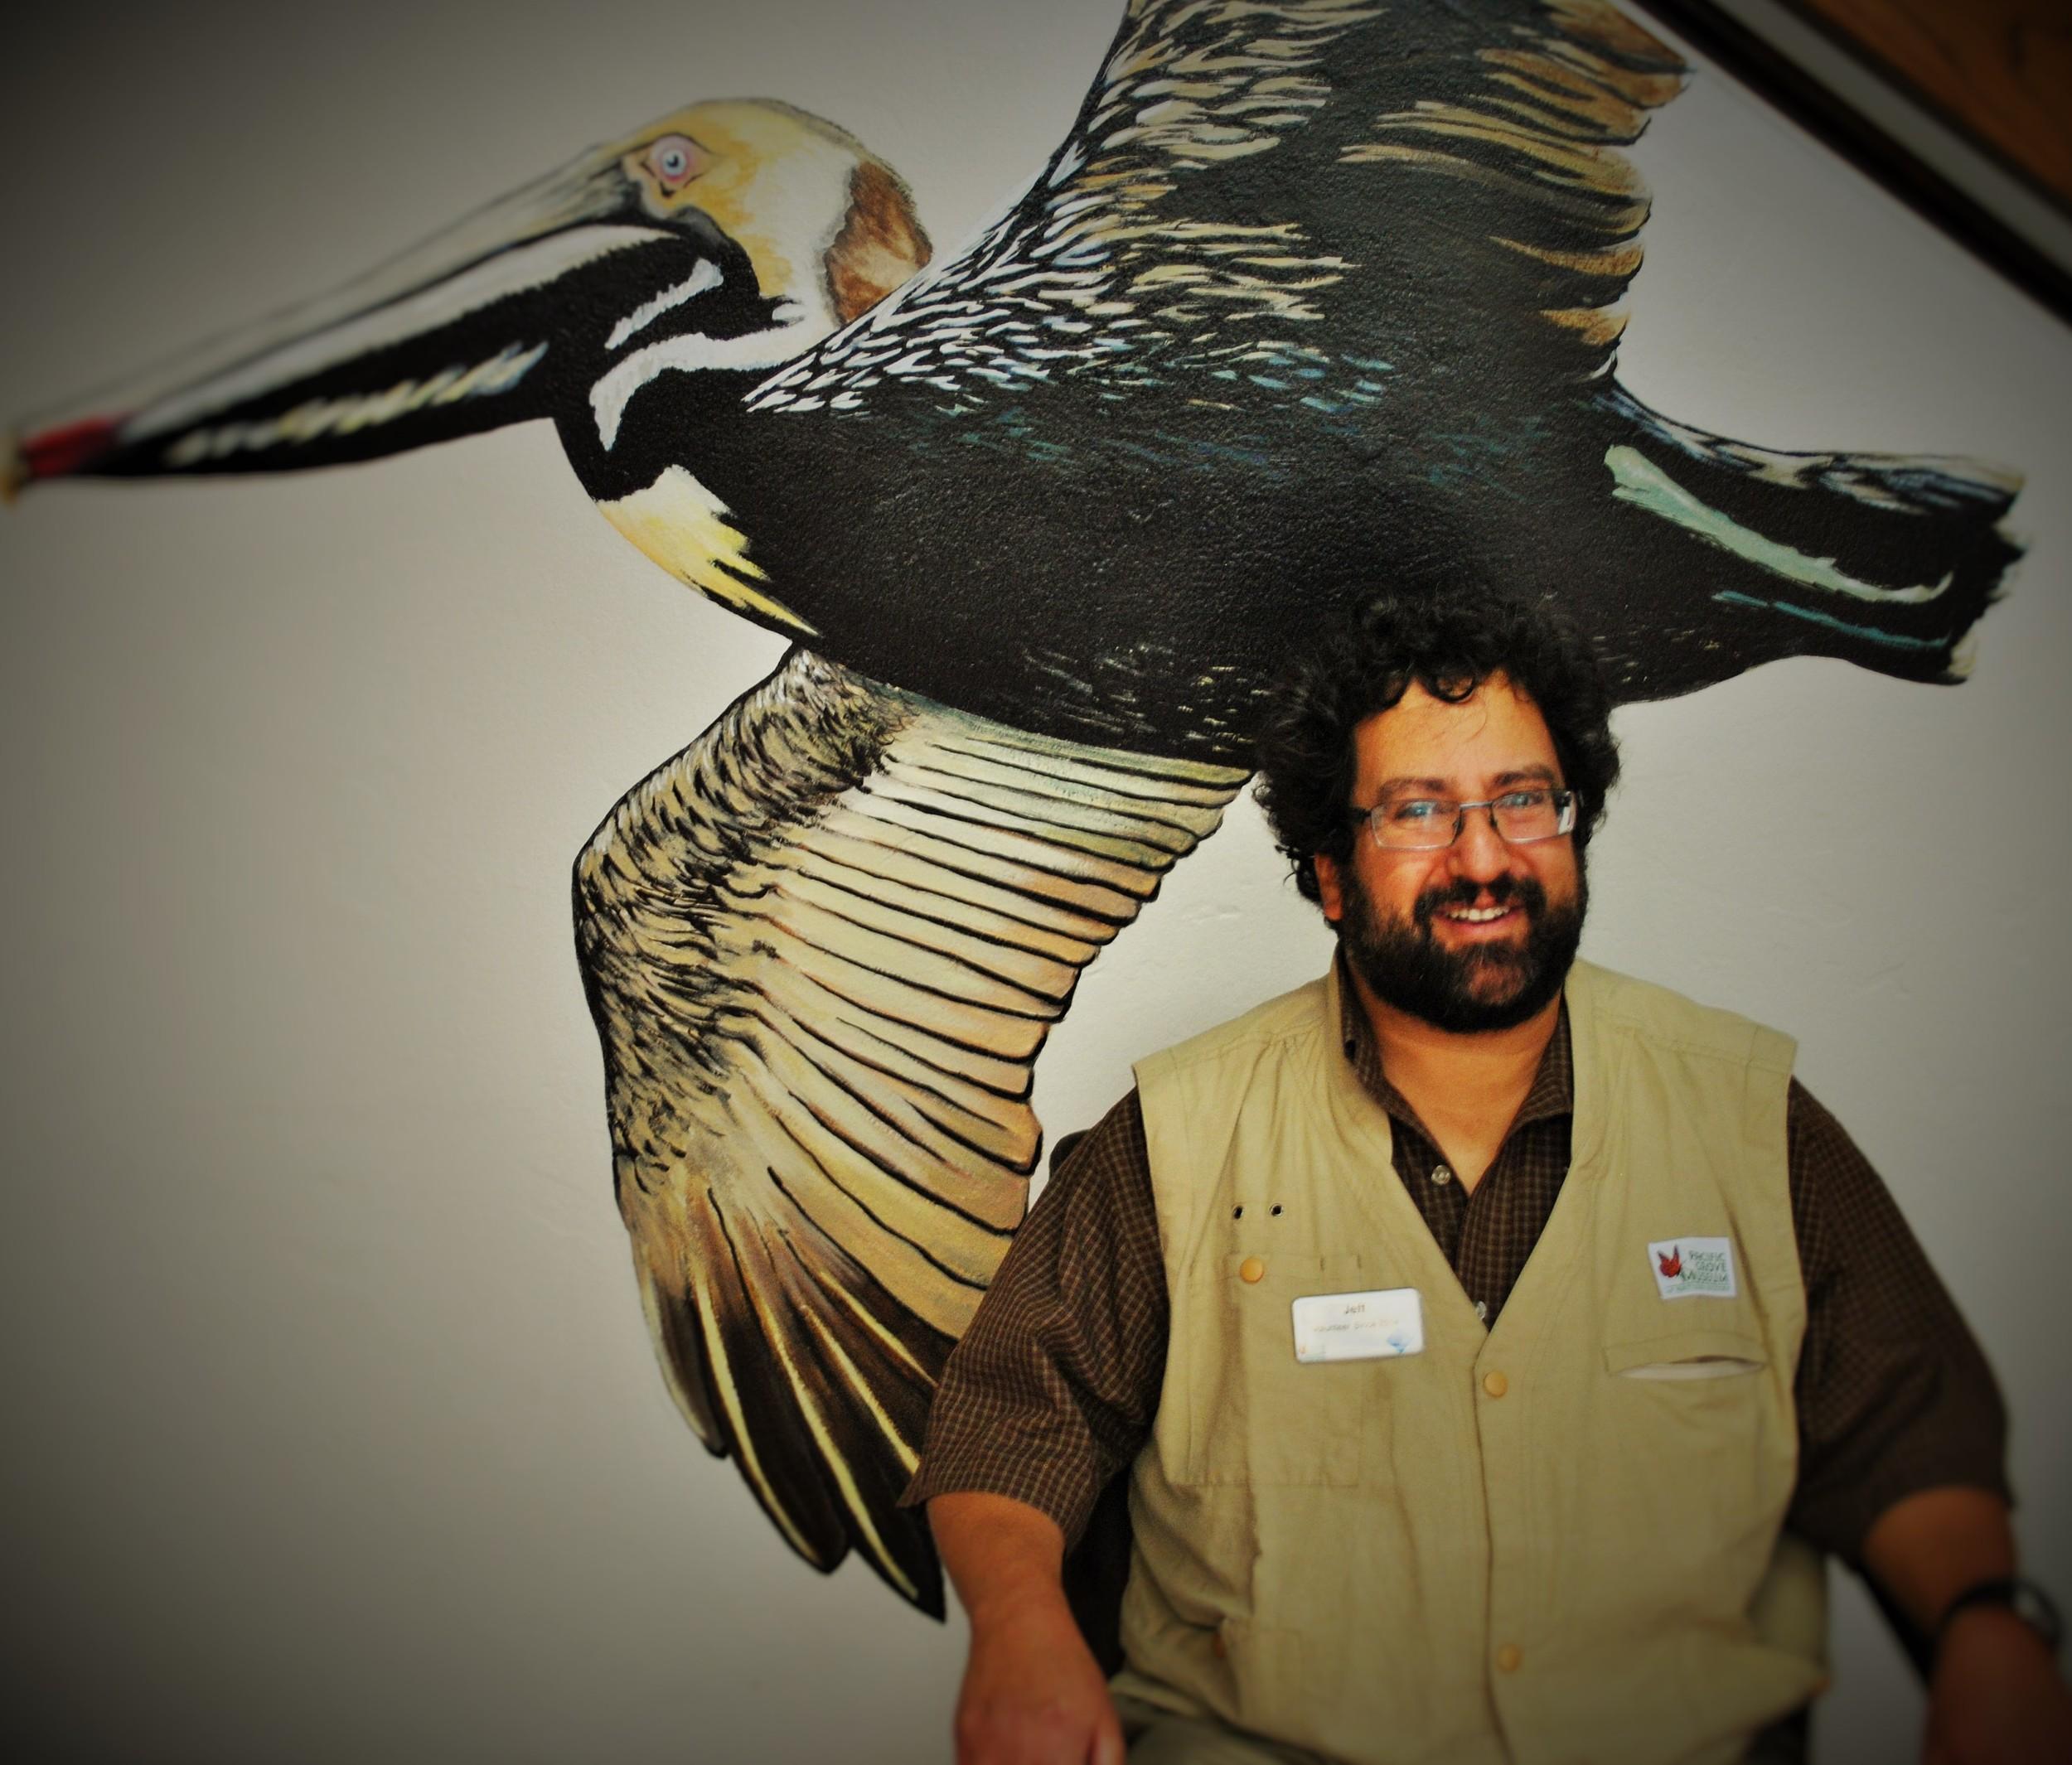 Volunteer Jeff Rothal